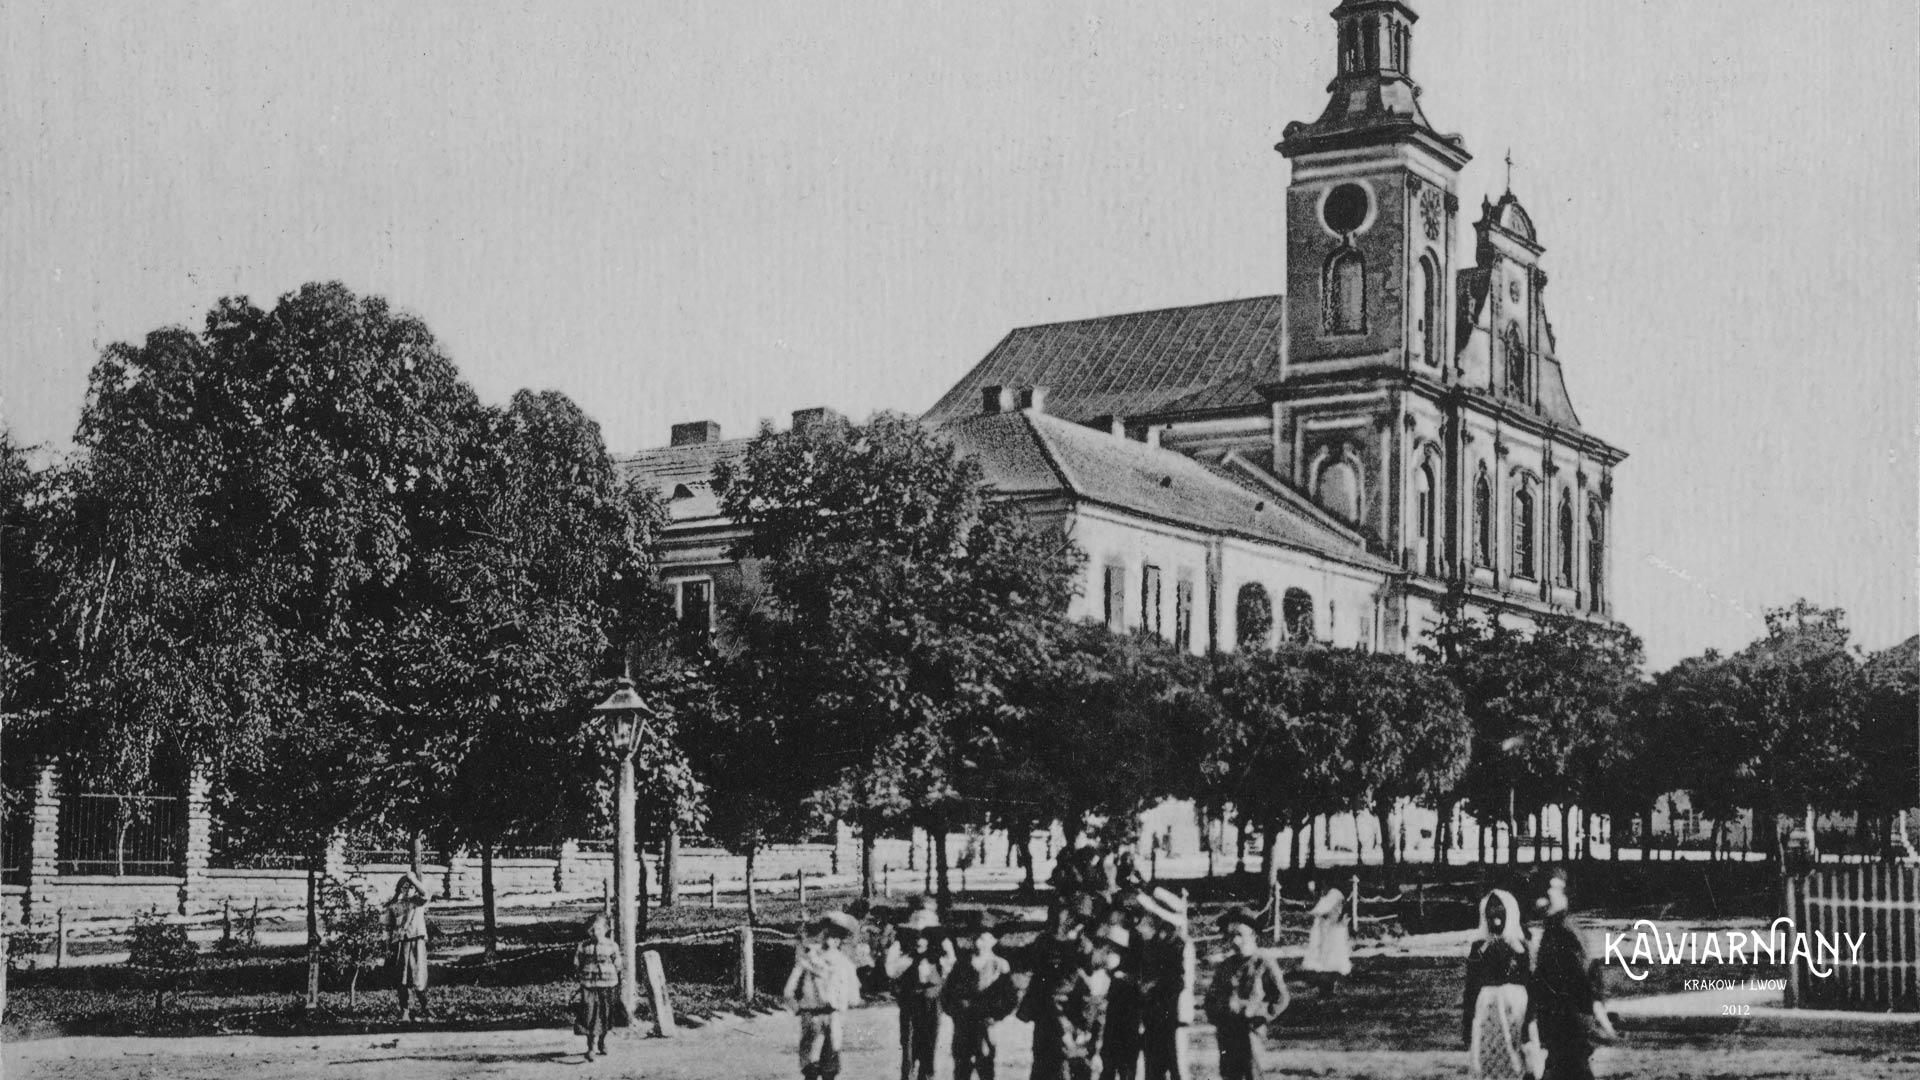 Kościół Wniebowzięcia Najświętszej Maryi Panny w Złoczowie